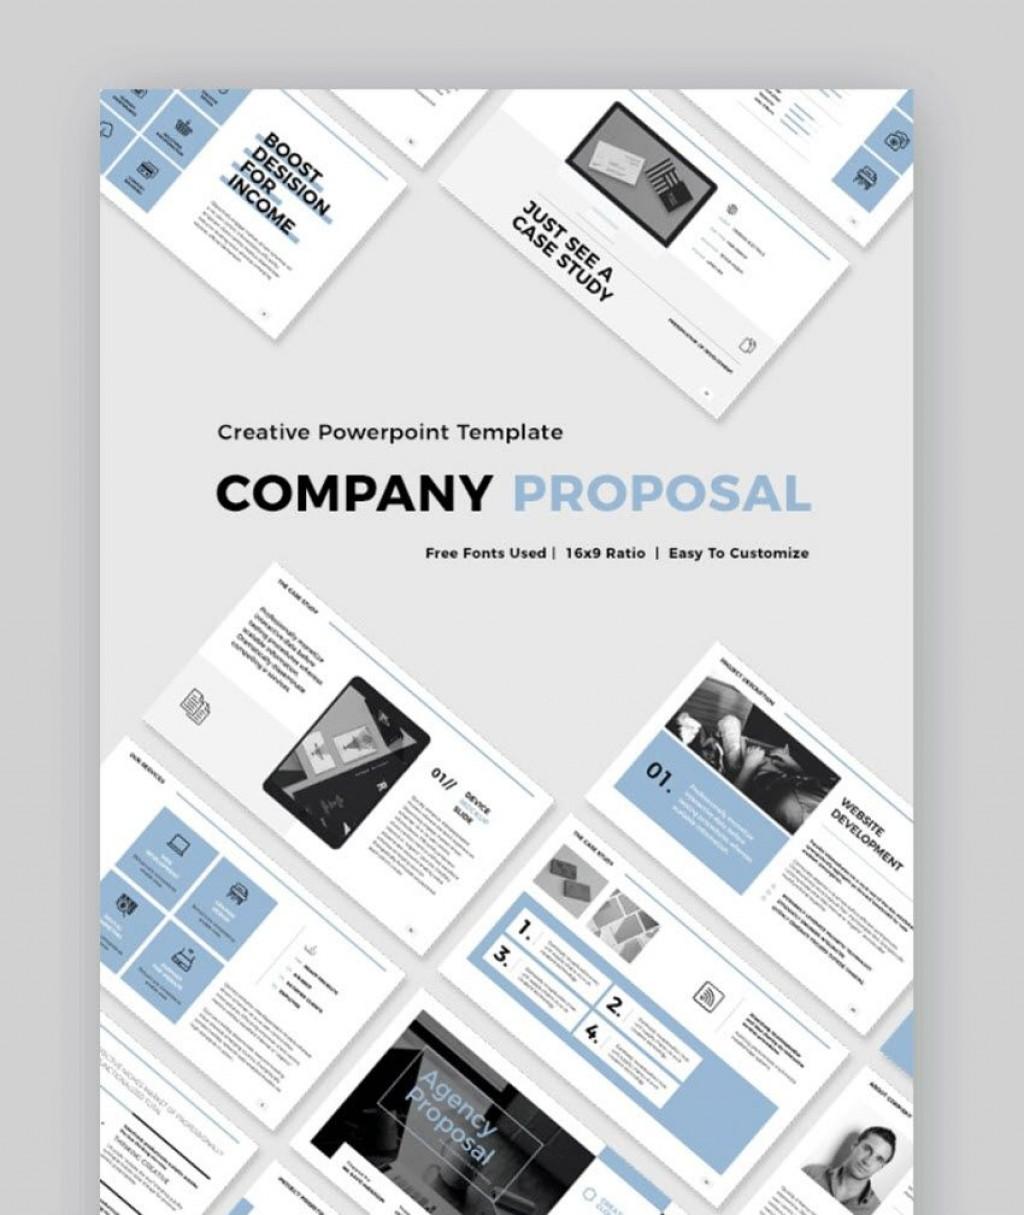 003 Phenomenal Web Development Proposal Template Free Idea Large